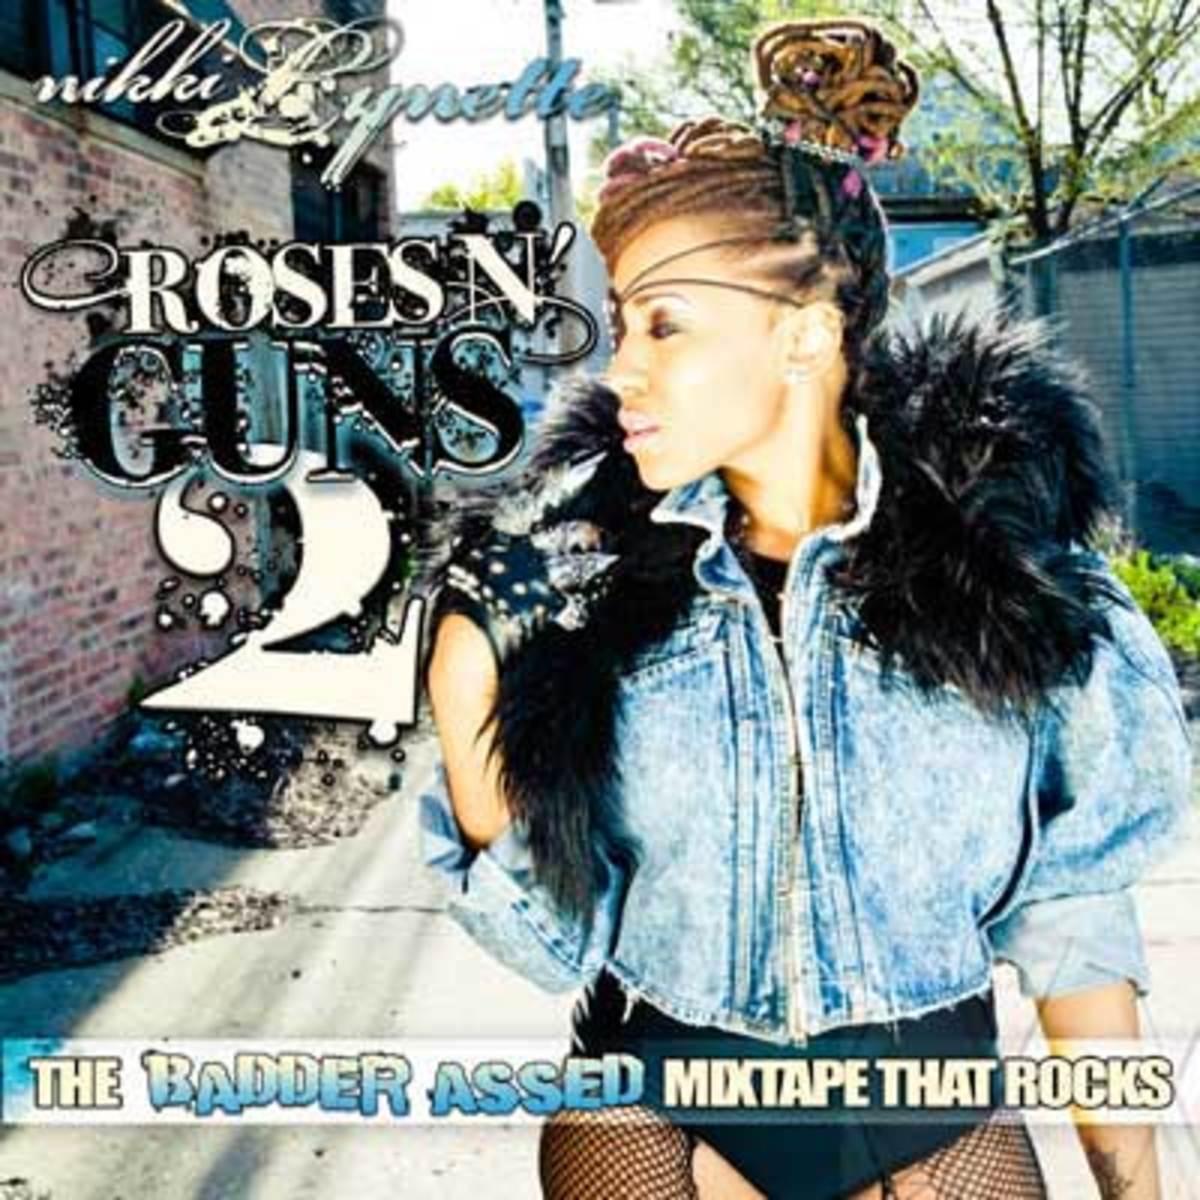 roses-guns-front.jpg